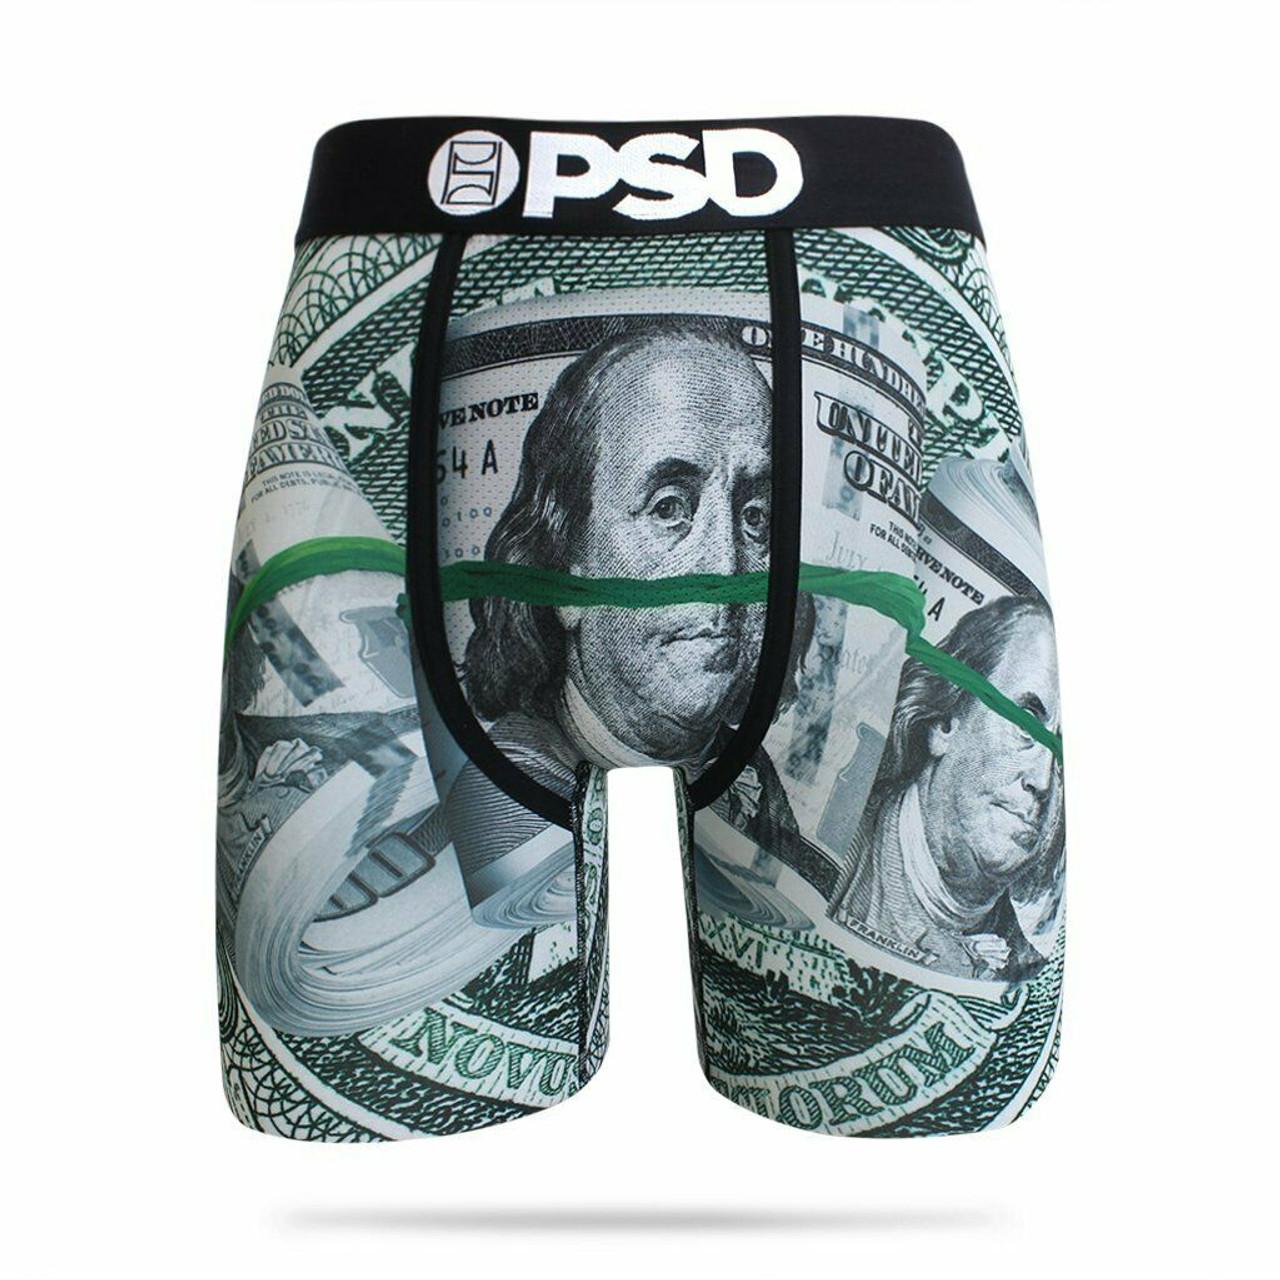 PSD Underwear Money Drip Underwear